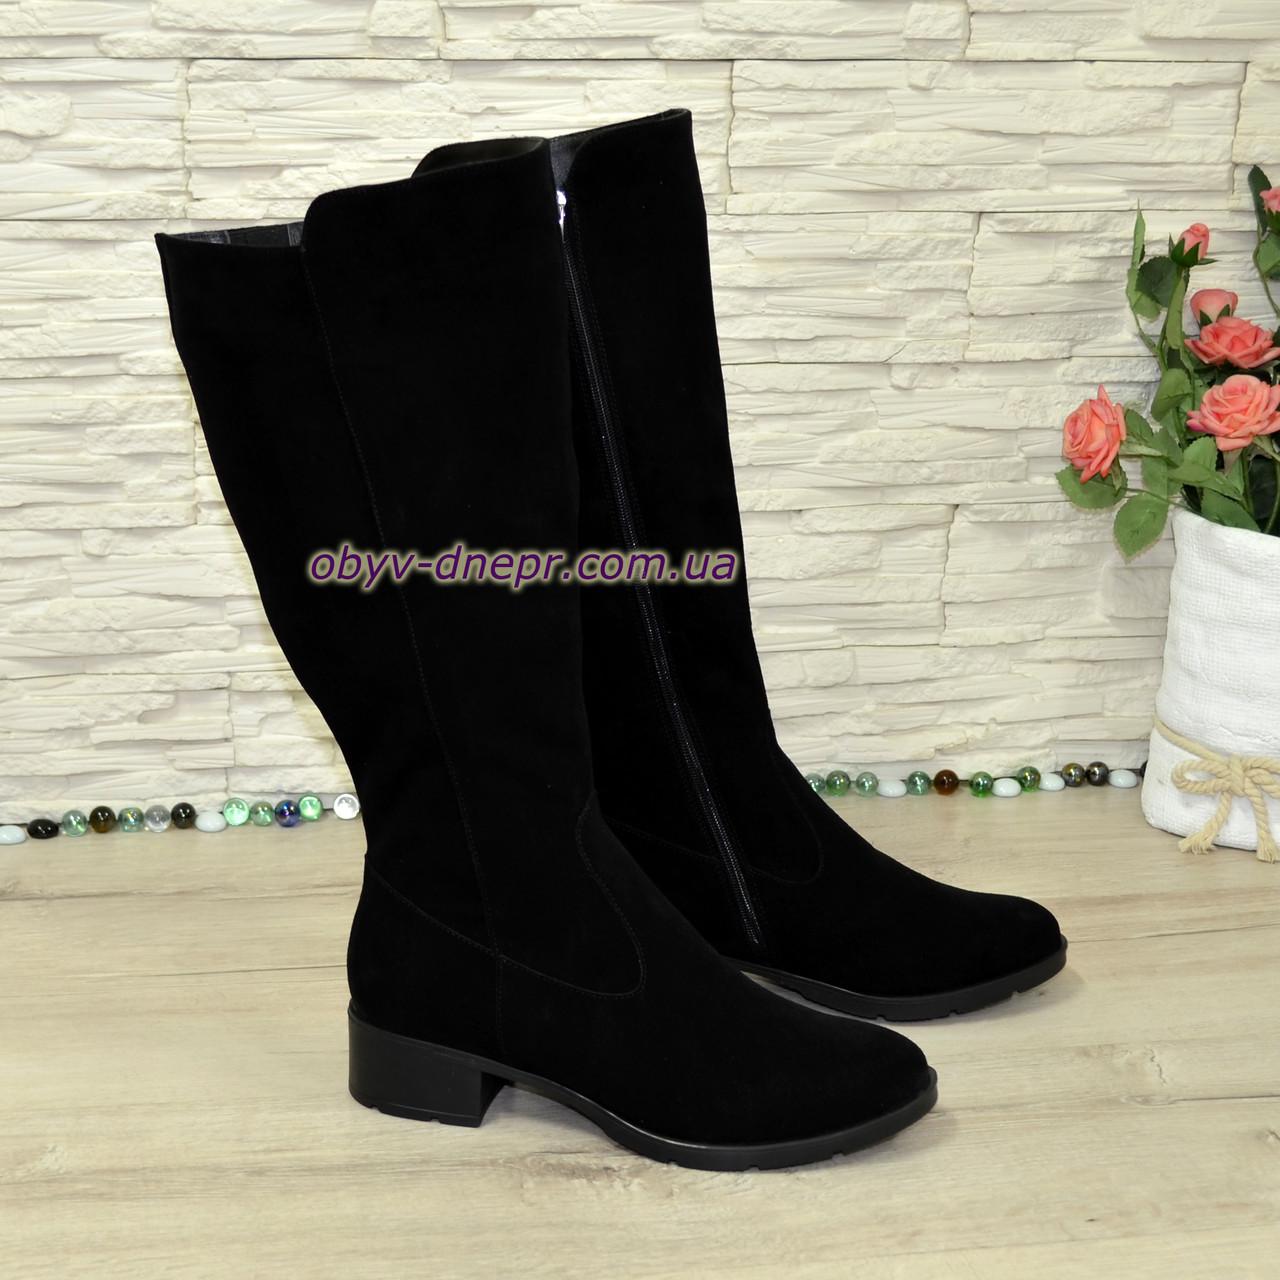 Сапоги женские замшевые на невысоком каблуке, цвет черный. Батал!